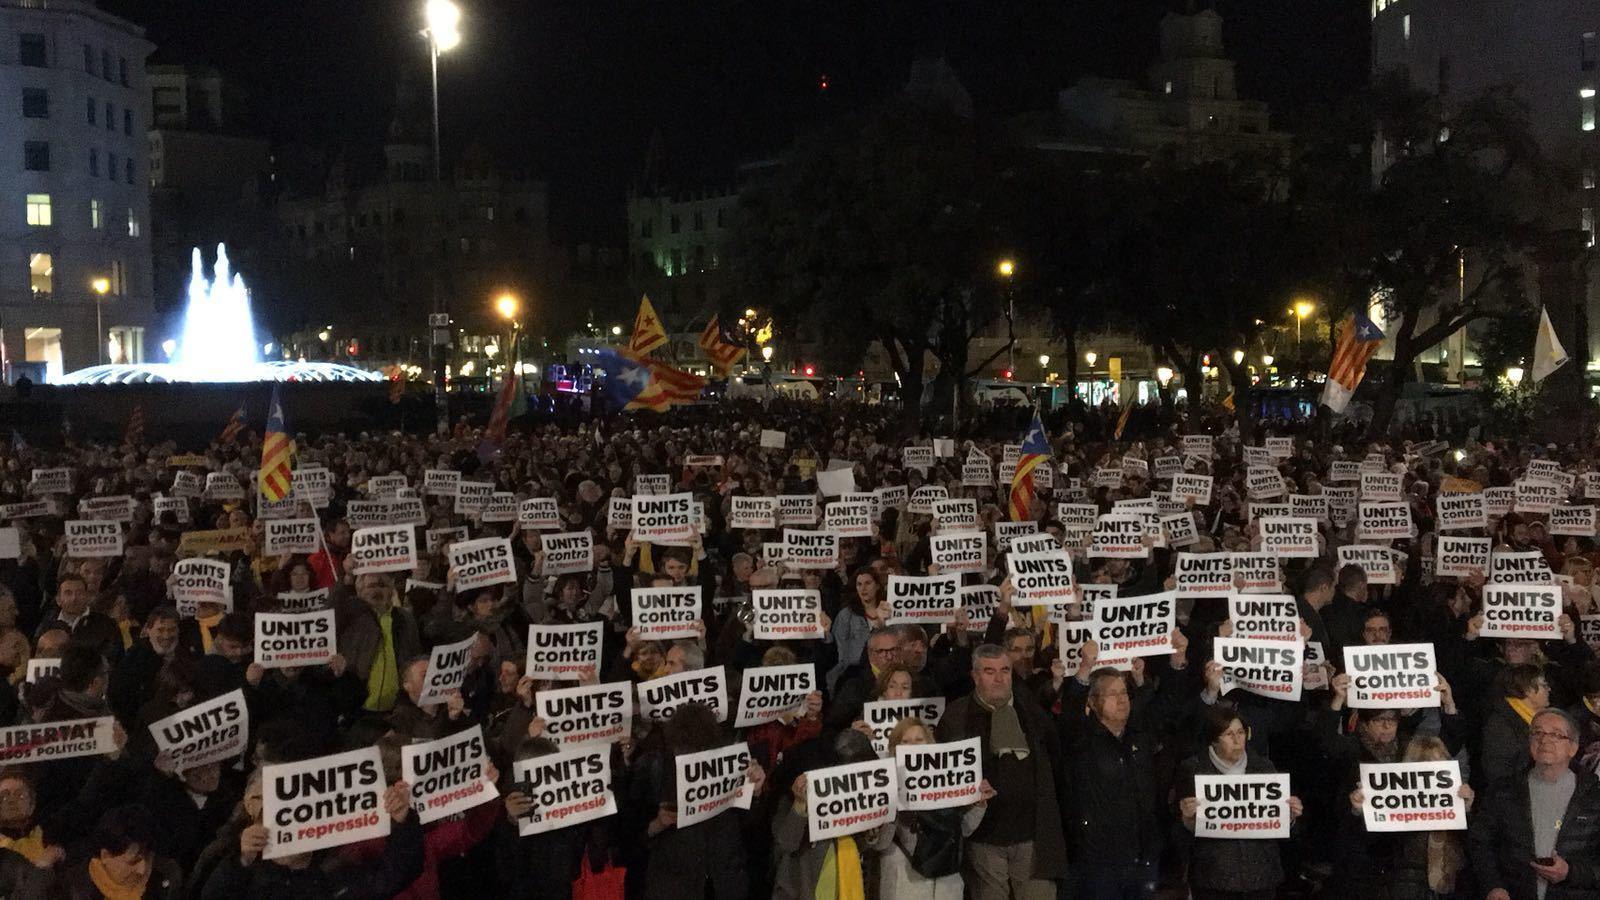 """""""Units contra la repressió"""", el lema dels manifestants de Plaça Catalunya"""